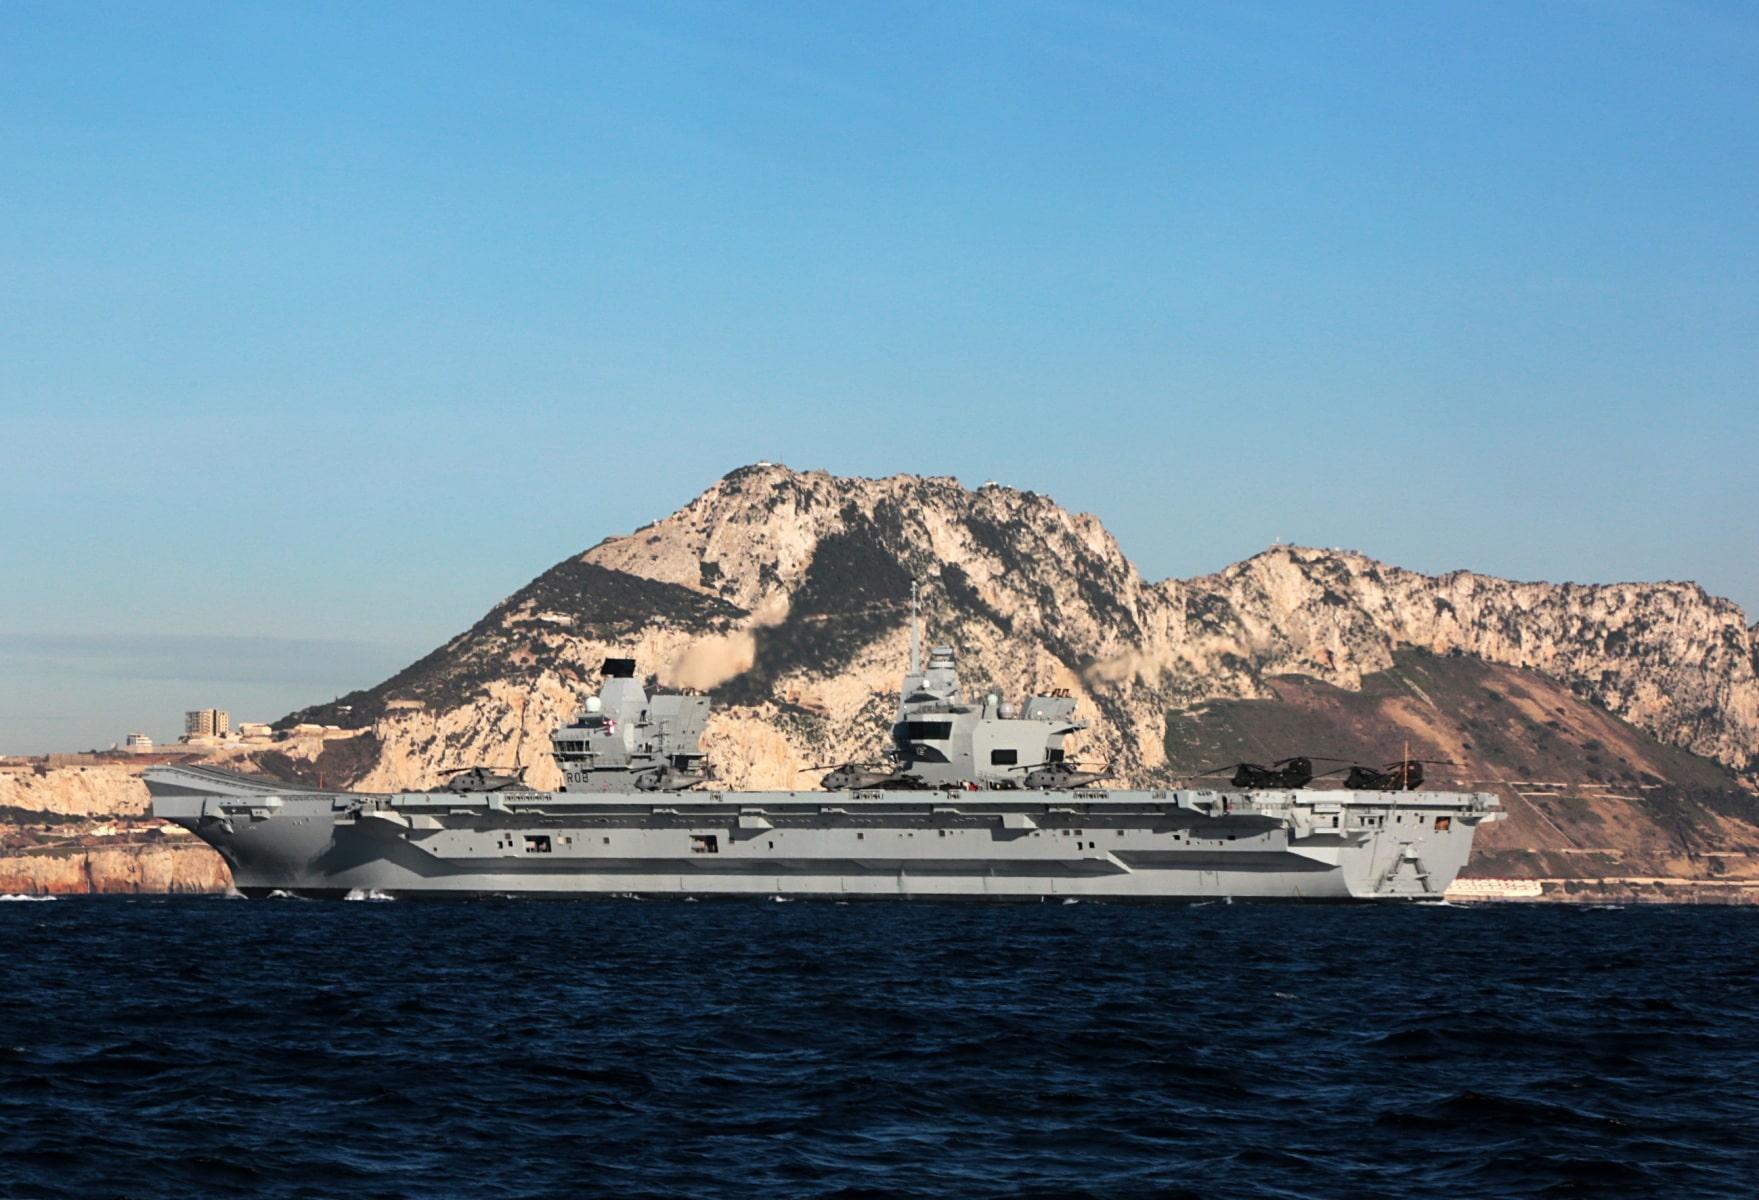 portaaviones-hms-queen-elizabeth-llegando-a-gibraltar-imagen-tomada-desde-uno-de-los-buques-de-apoyo-via-royal-navy-14_40133903872_o